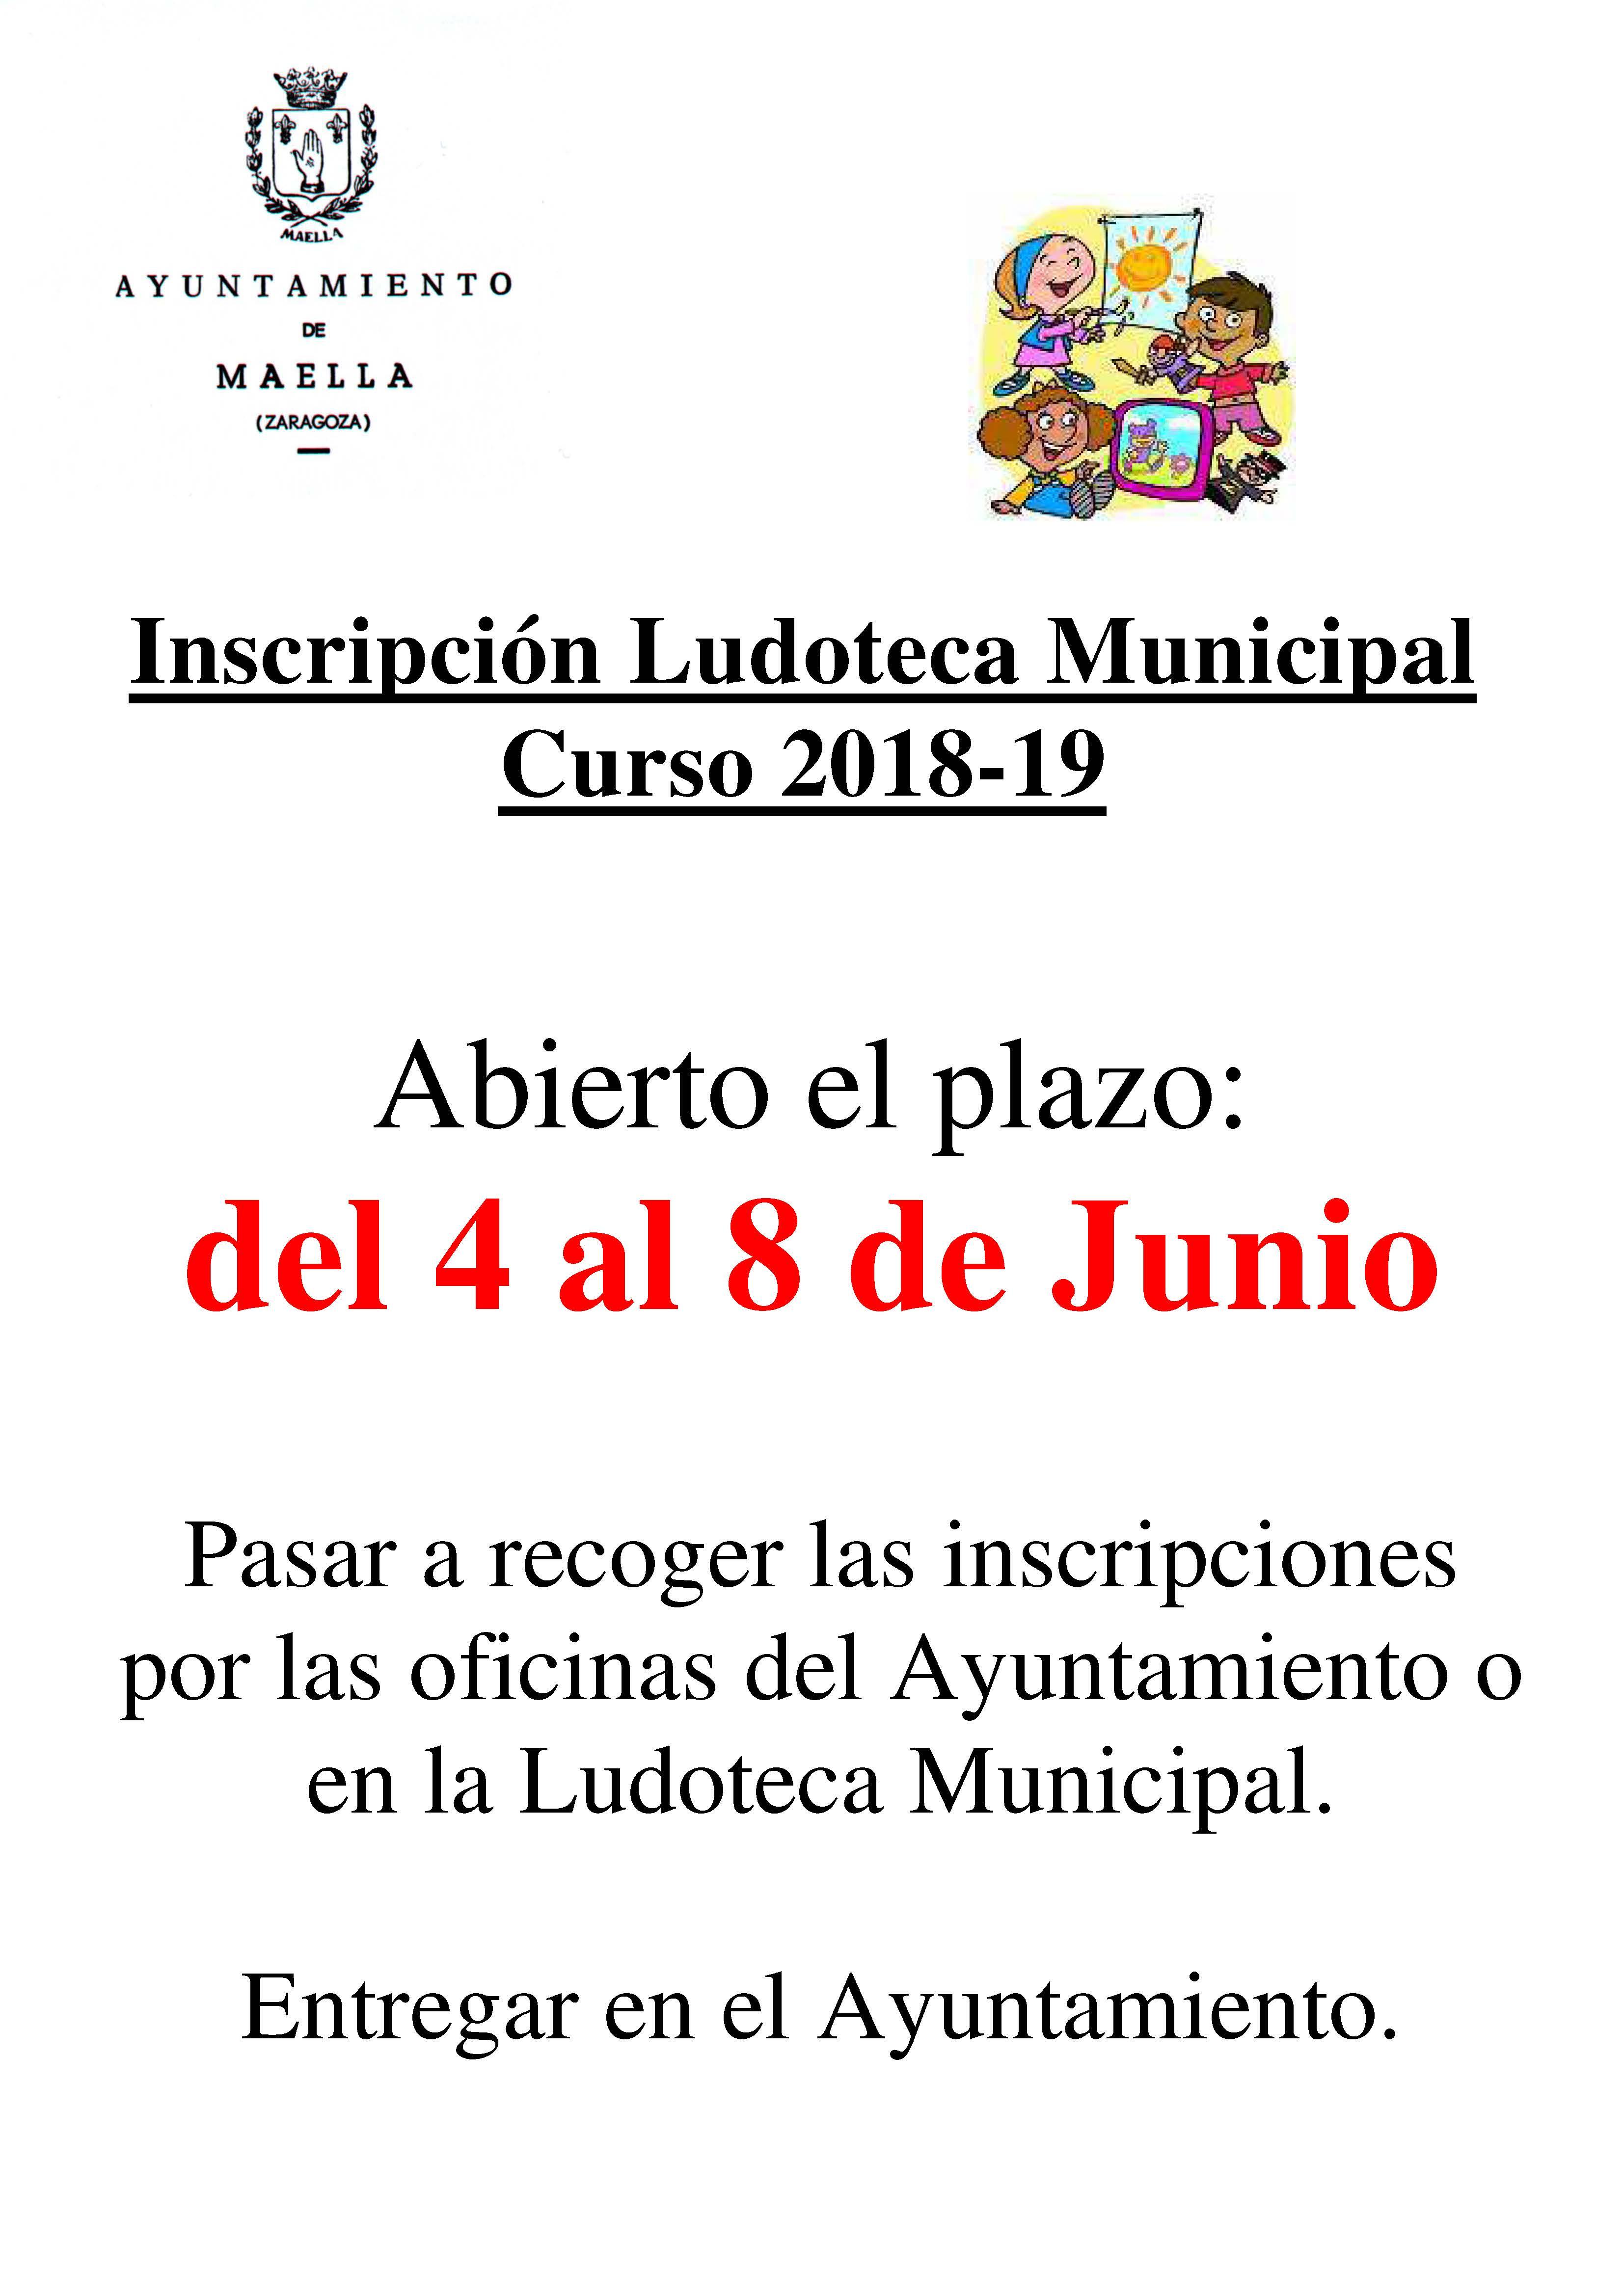 LUDOTECA MUNICIPAL 2018-19